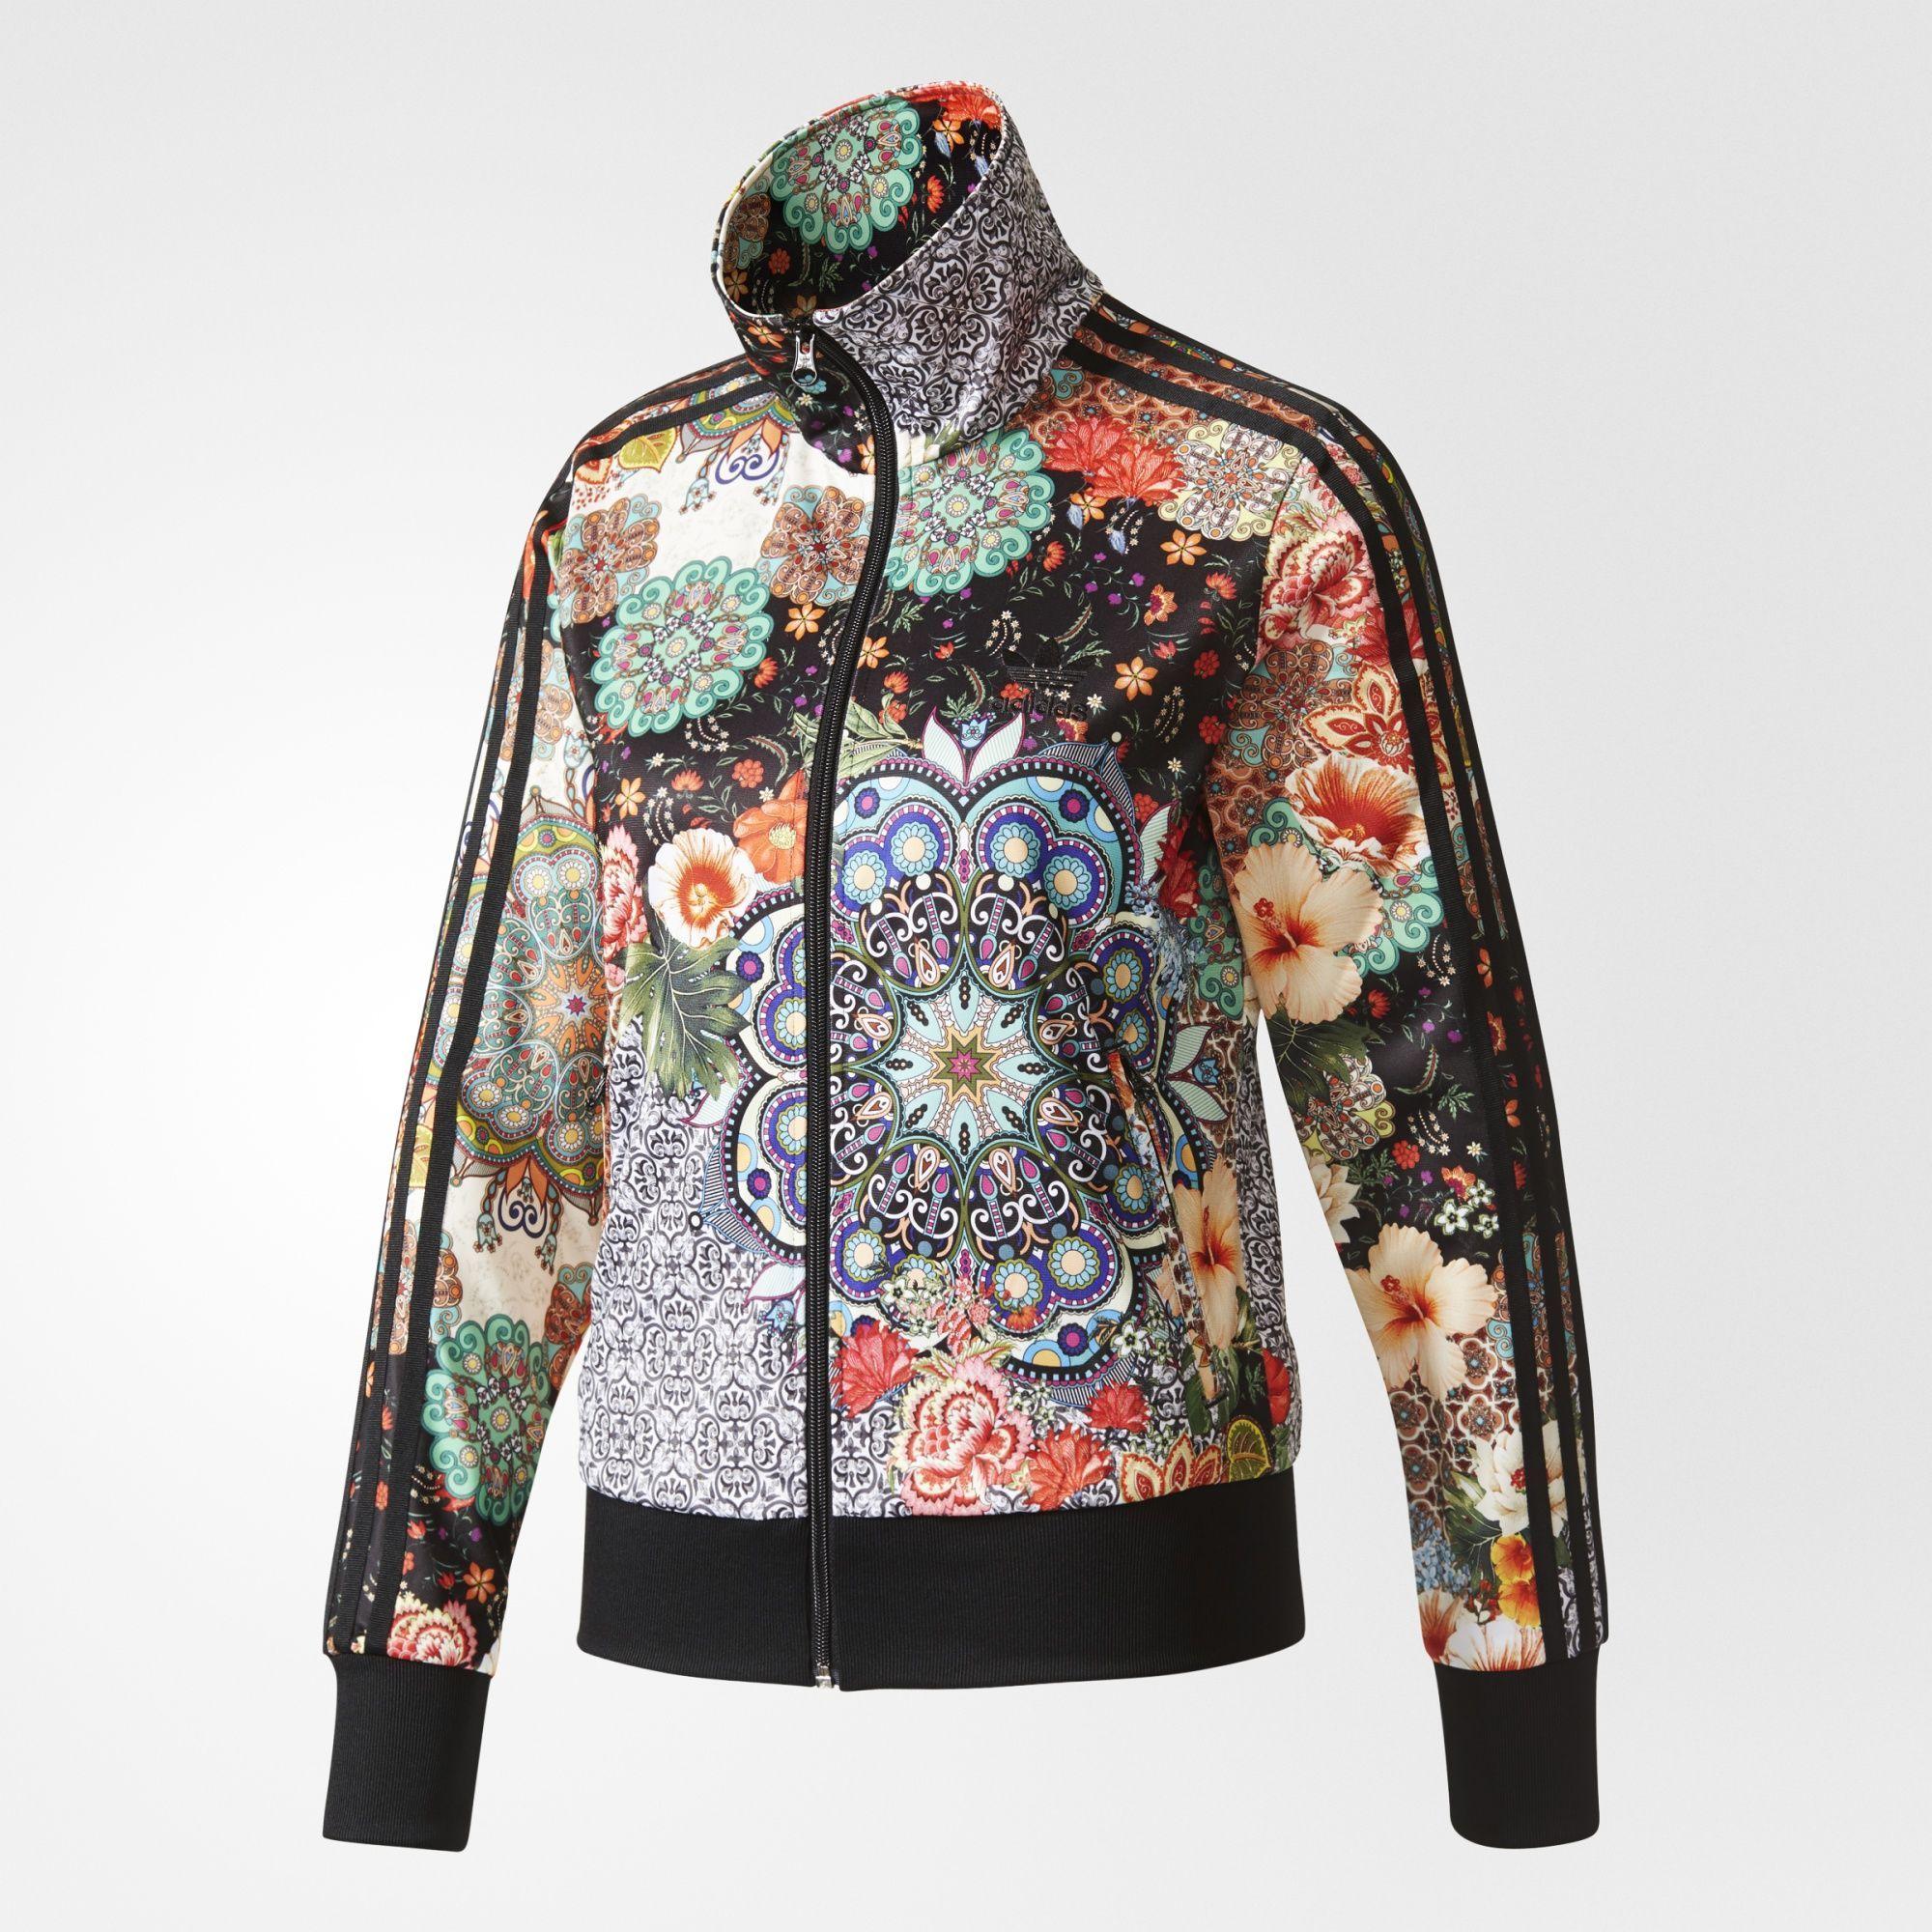 jaqueta jardim tt pinterest adidas, scarpa, borsa e la moda femminile